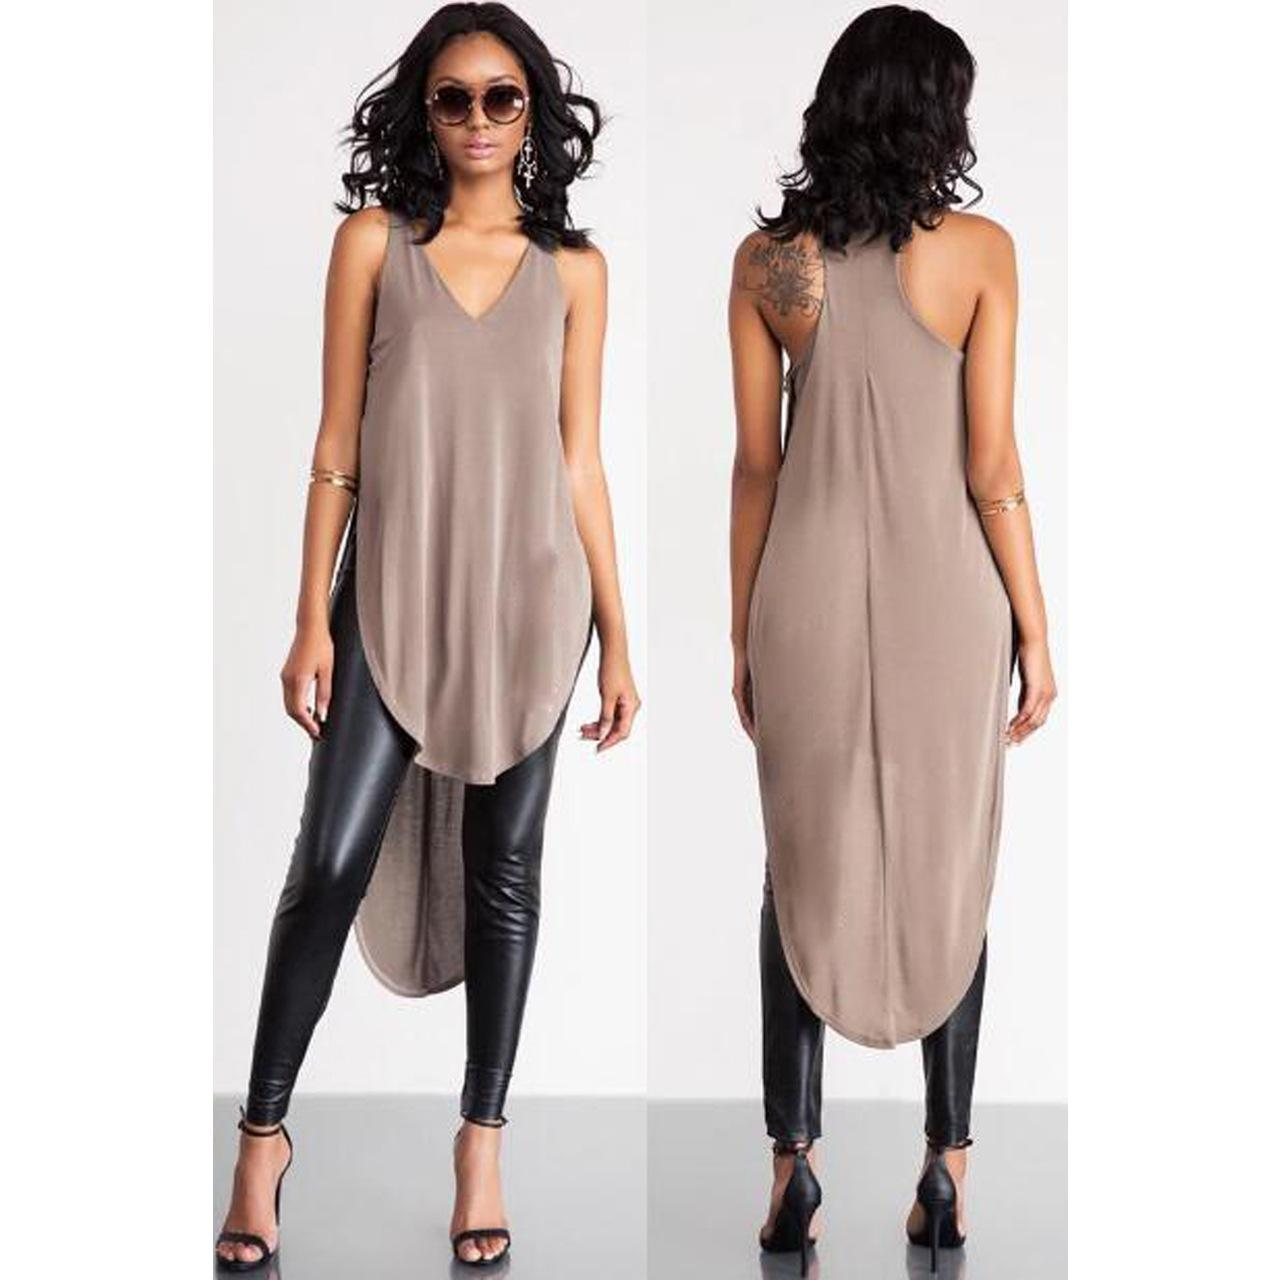 long shirts for women new long shirt women summer sexy v-neck wear khaki dress irregular tops  front short AYVDJBD